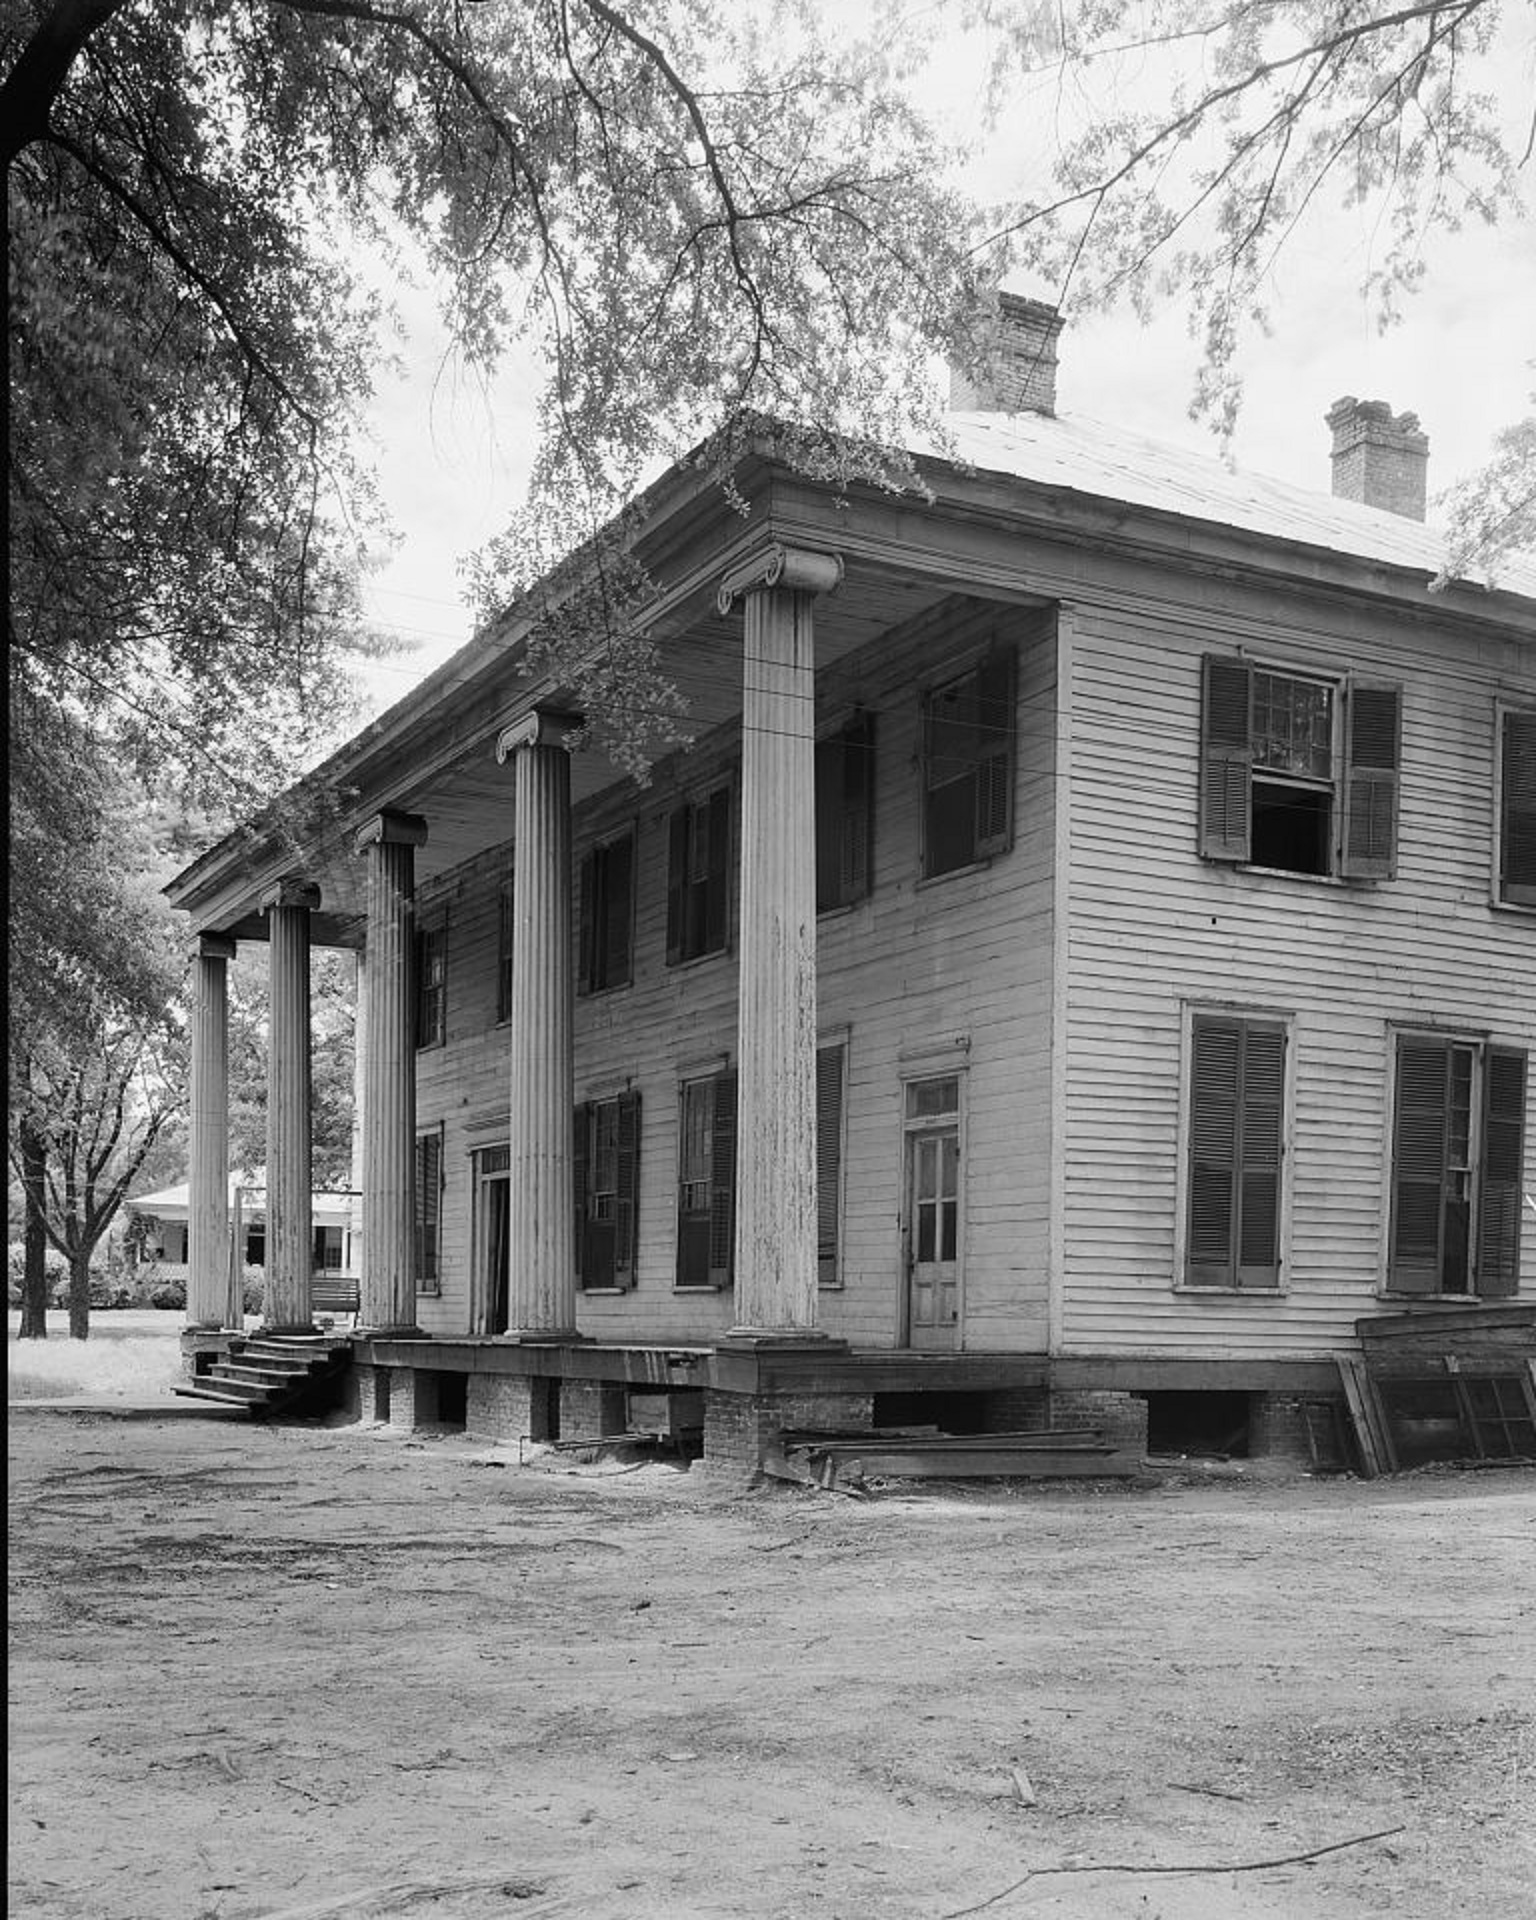 Eutaw Female Academy, also known as the Mesopotamia Female Seminary, Eutaw, Greene County, Alabama 1939 by photographer Frances Benjamin Johnston